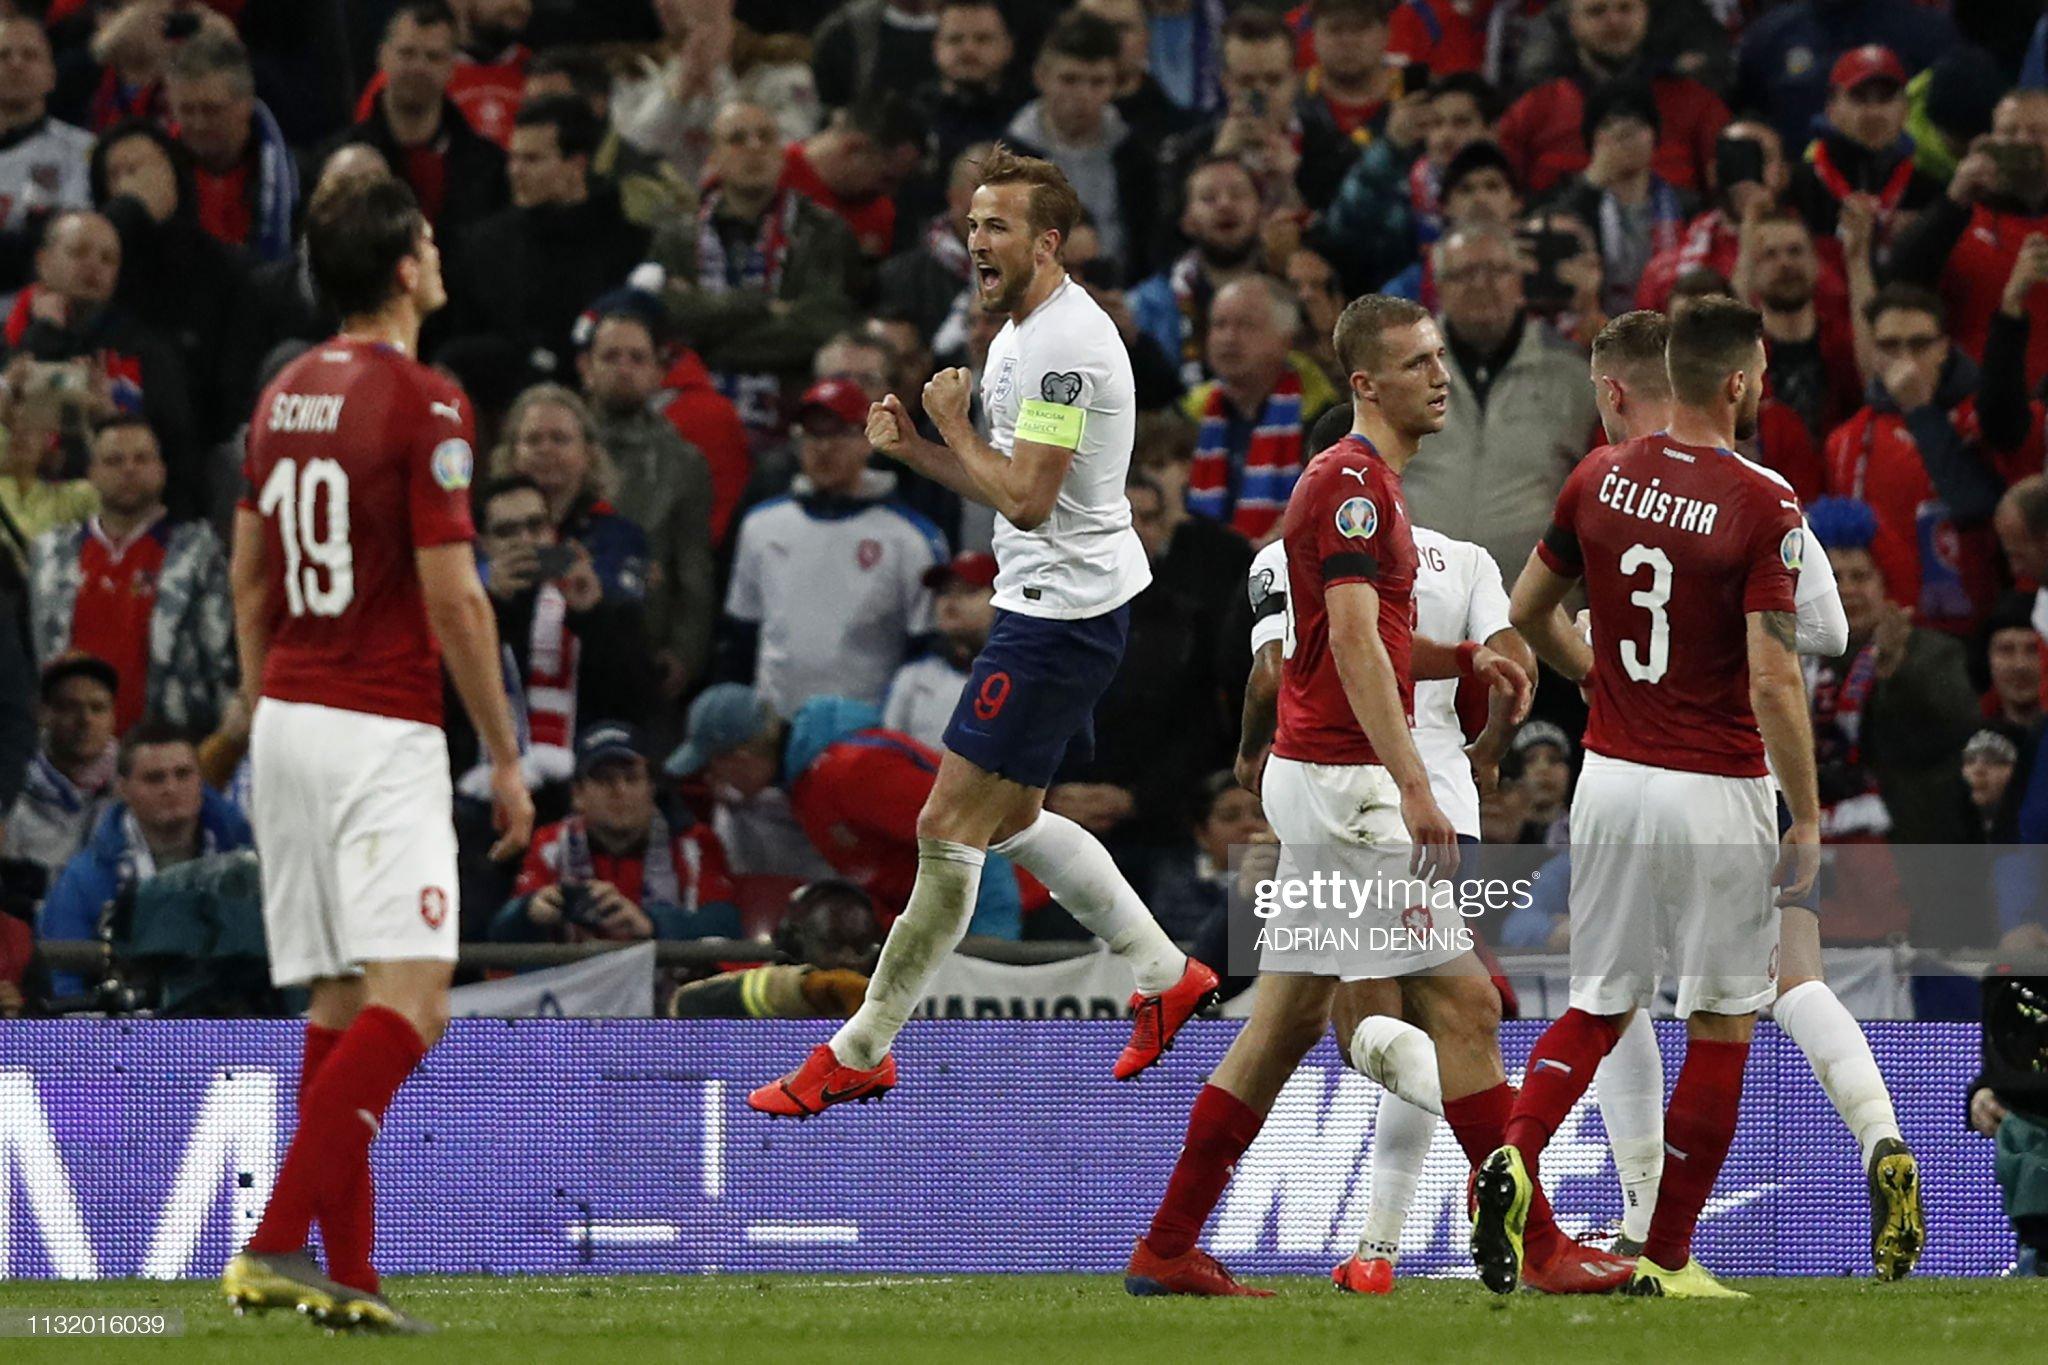 FBL-EURO-2020-QUALIFIER-ENG-CZE : News Photo